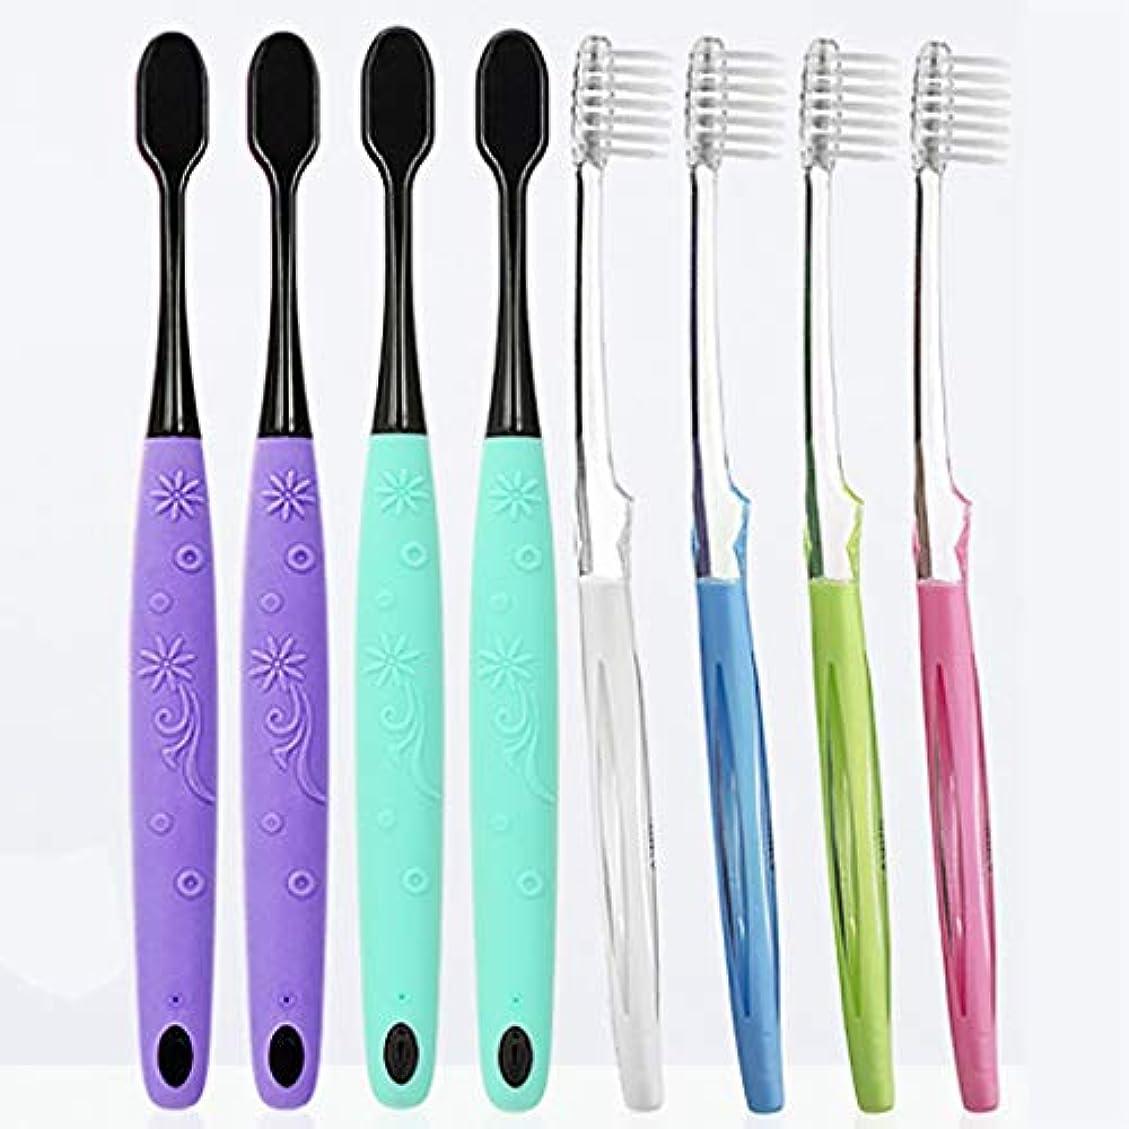 ライナークスクス住居大人歯ブラシ、柔軟なブラシヘッド、看護ガム用歯ブラシ、8パック(ランダムカラー)